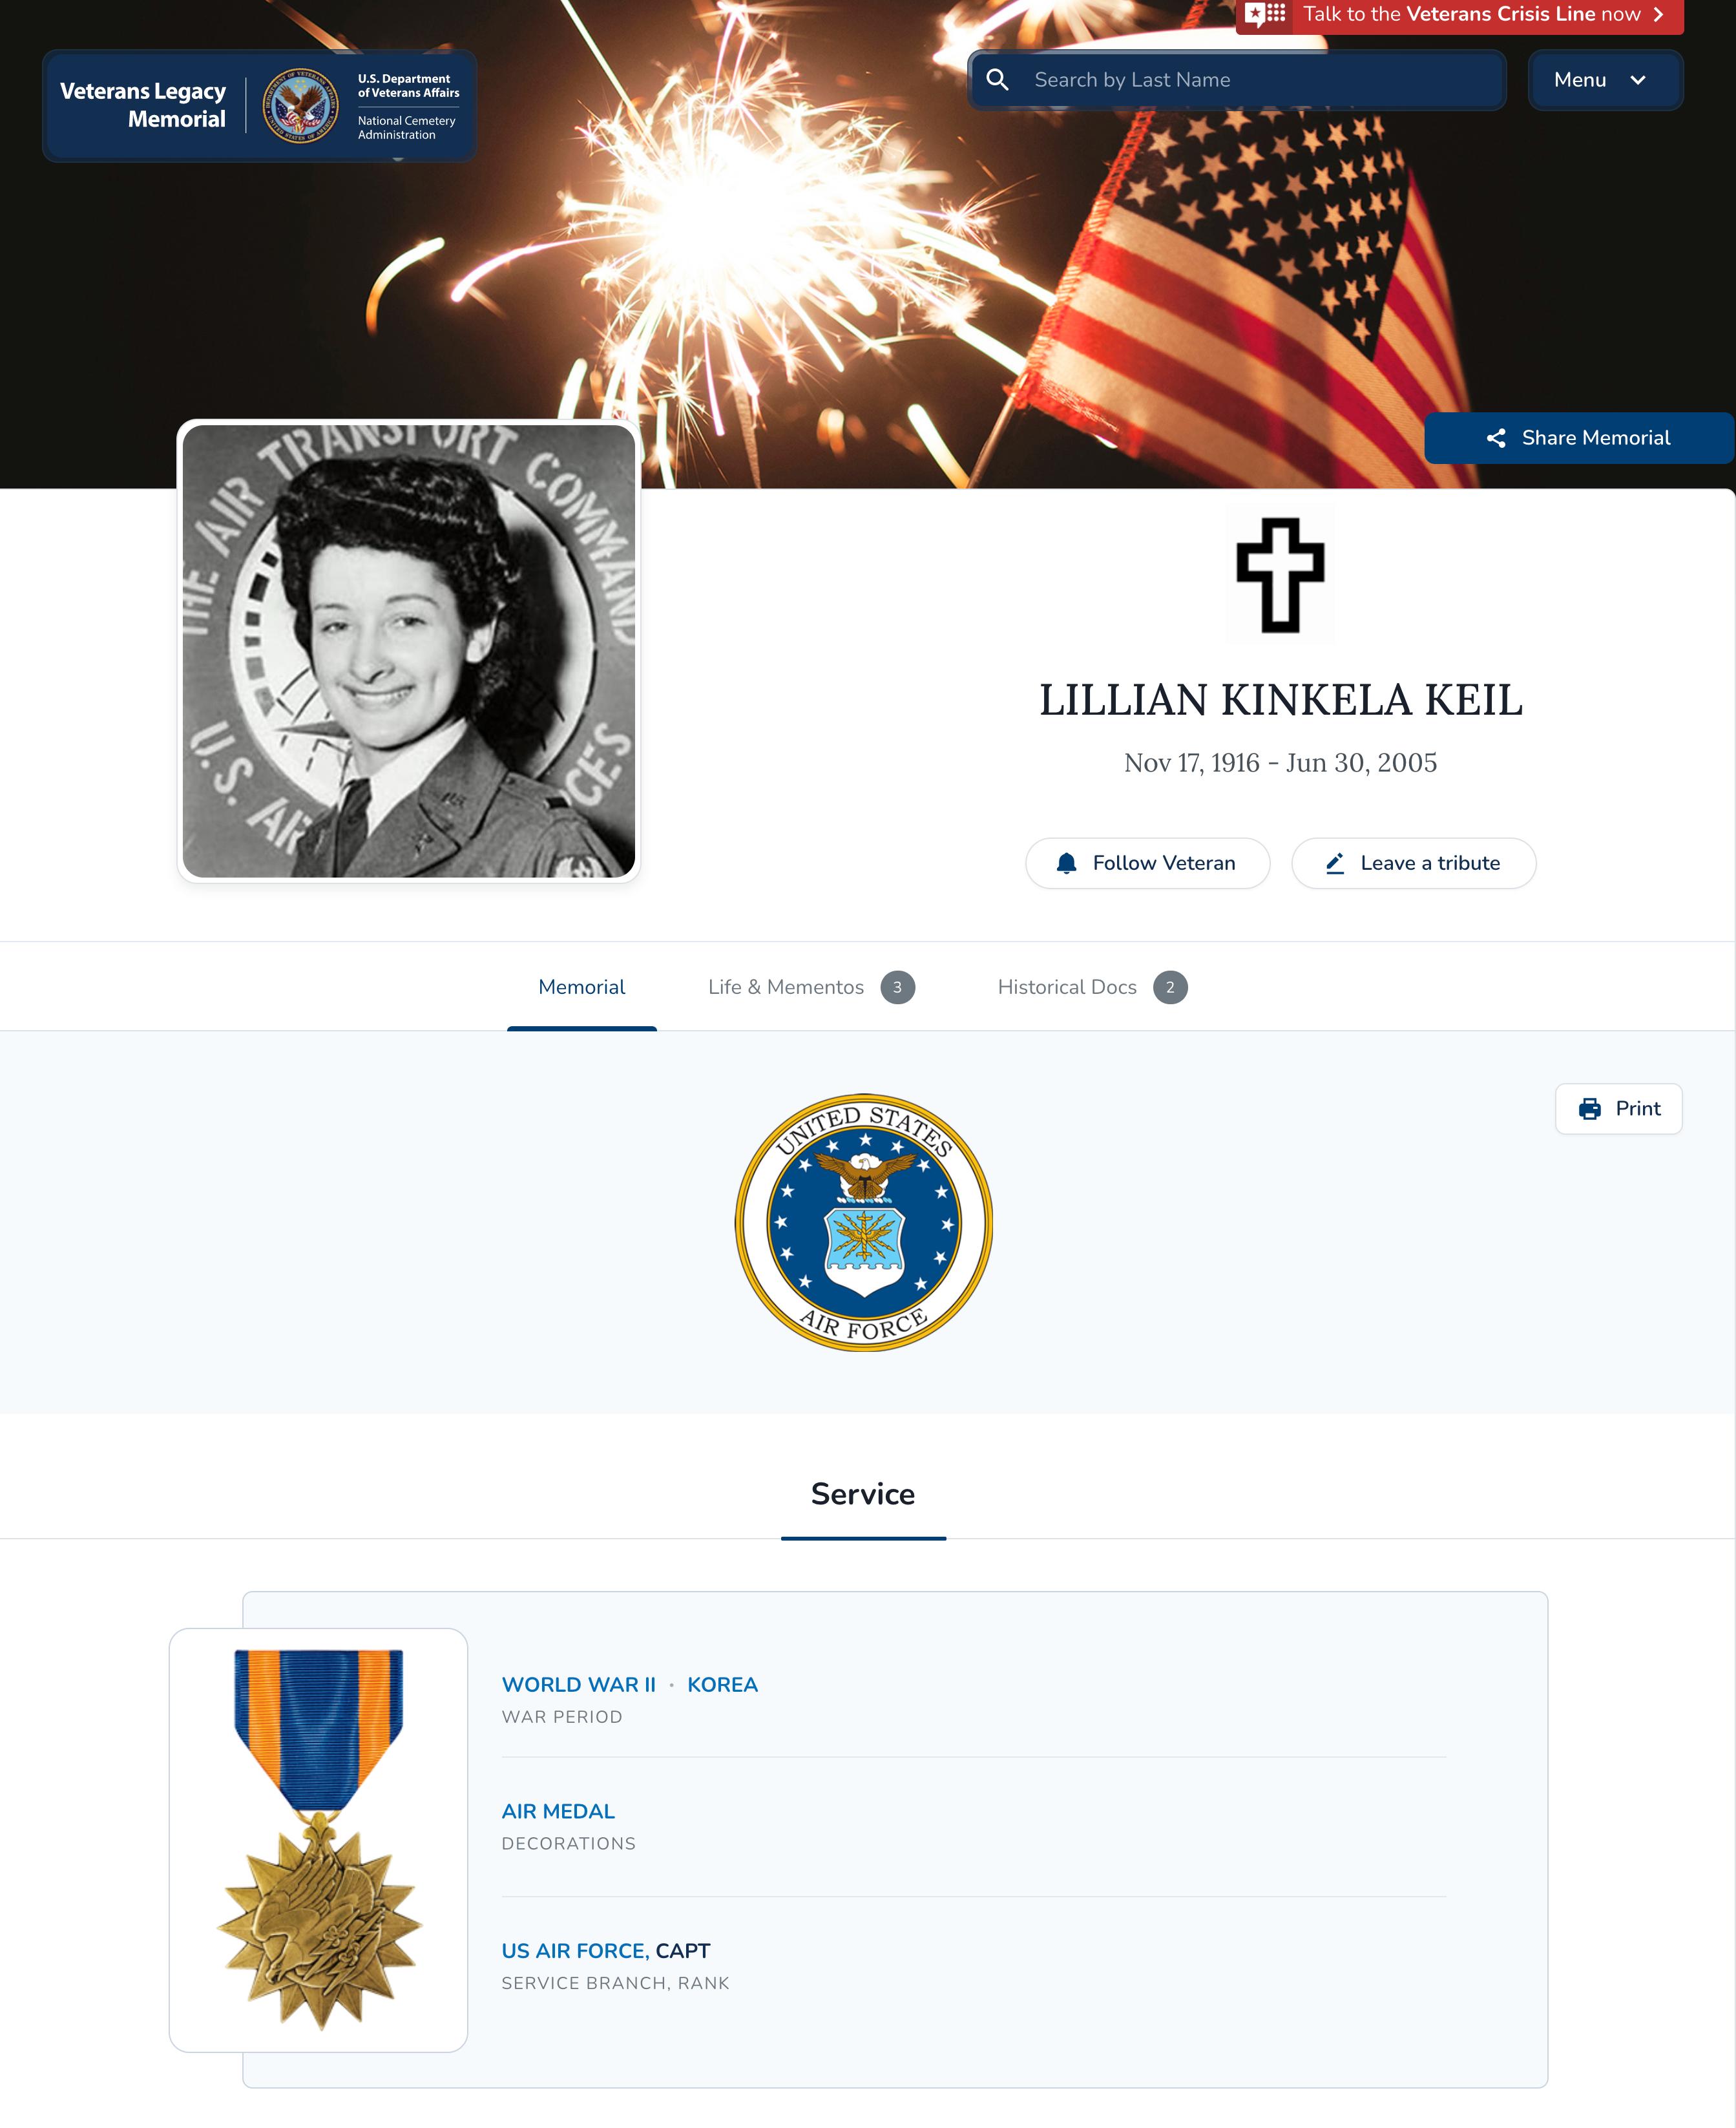 Screenshot of LILLIAN KINKELA KEIL's VLM Memorial Page